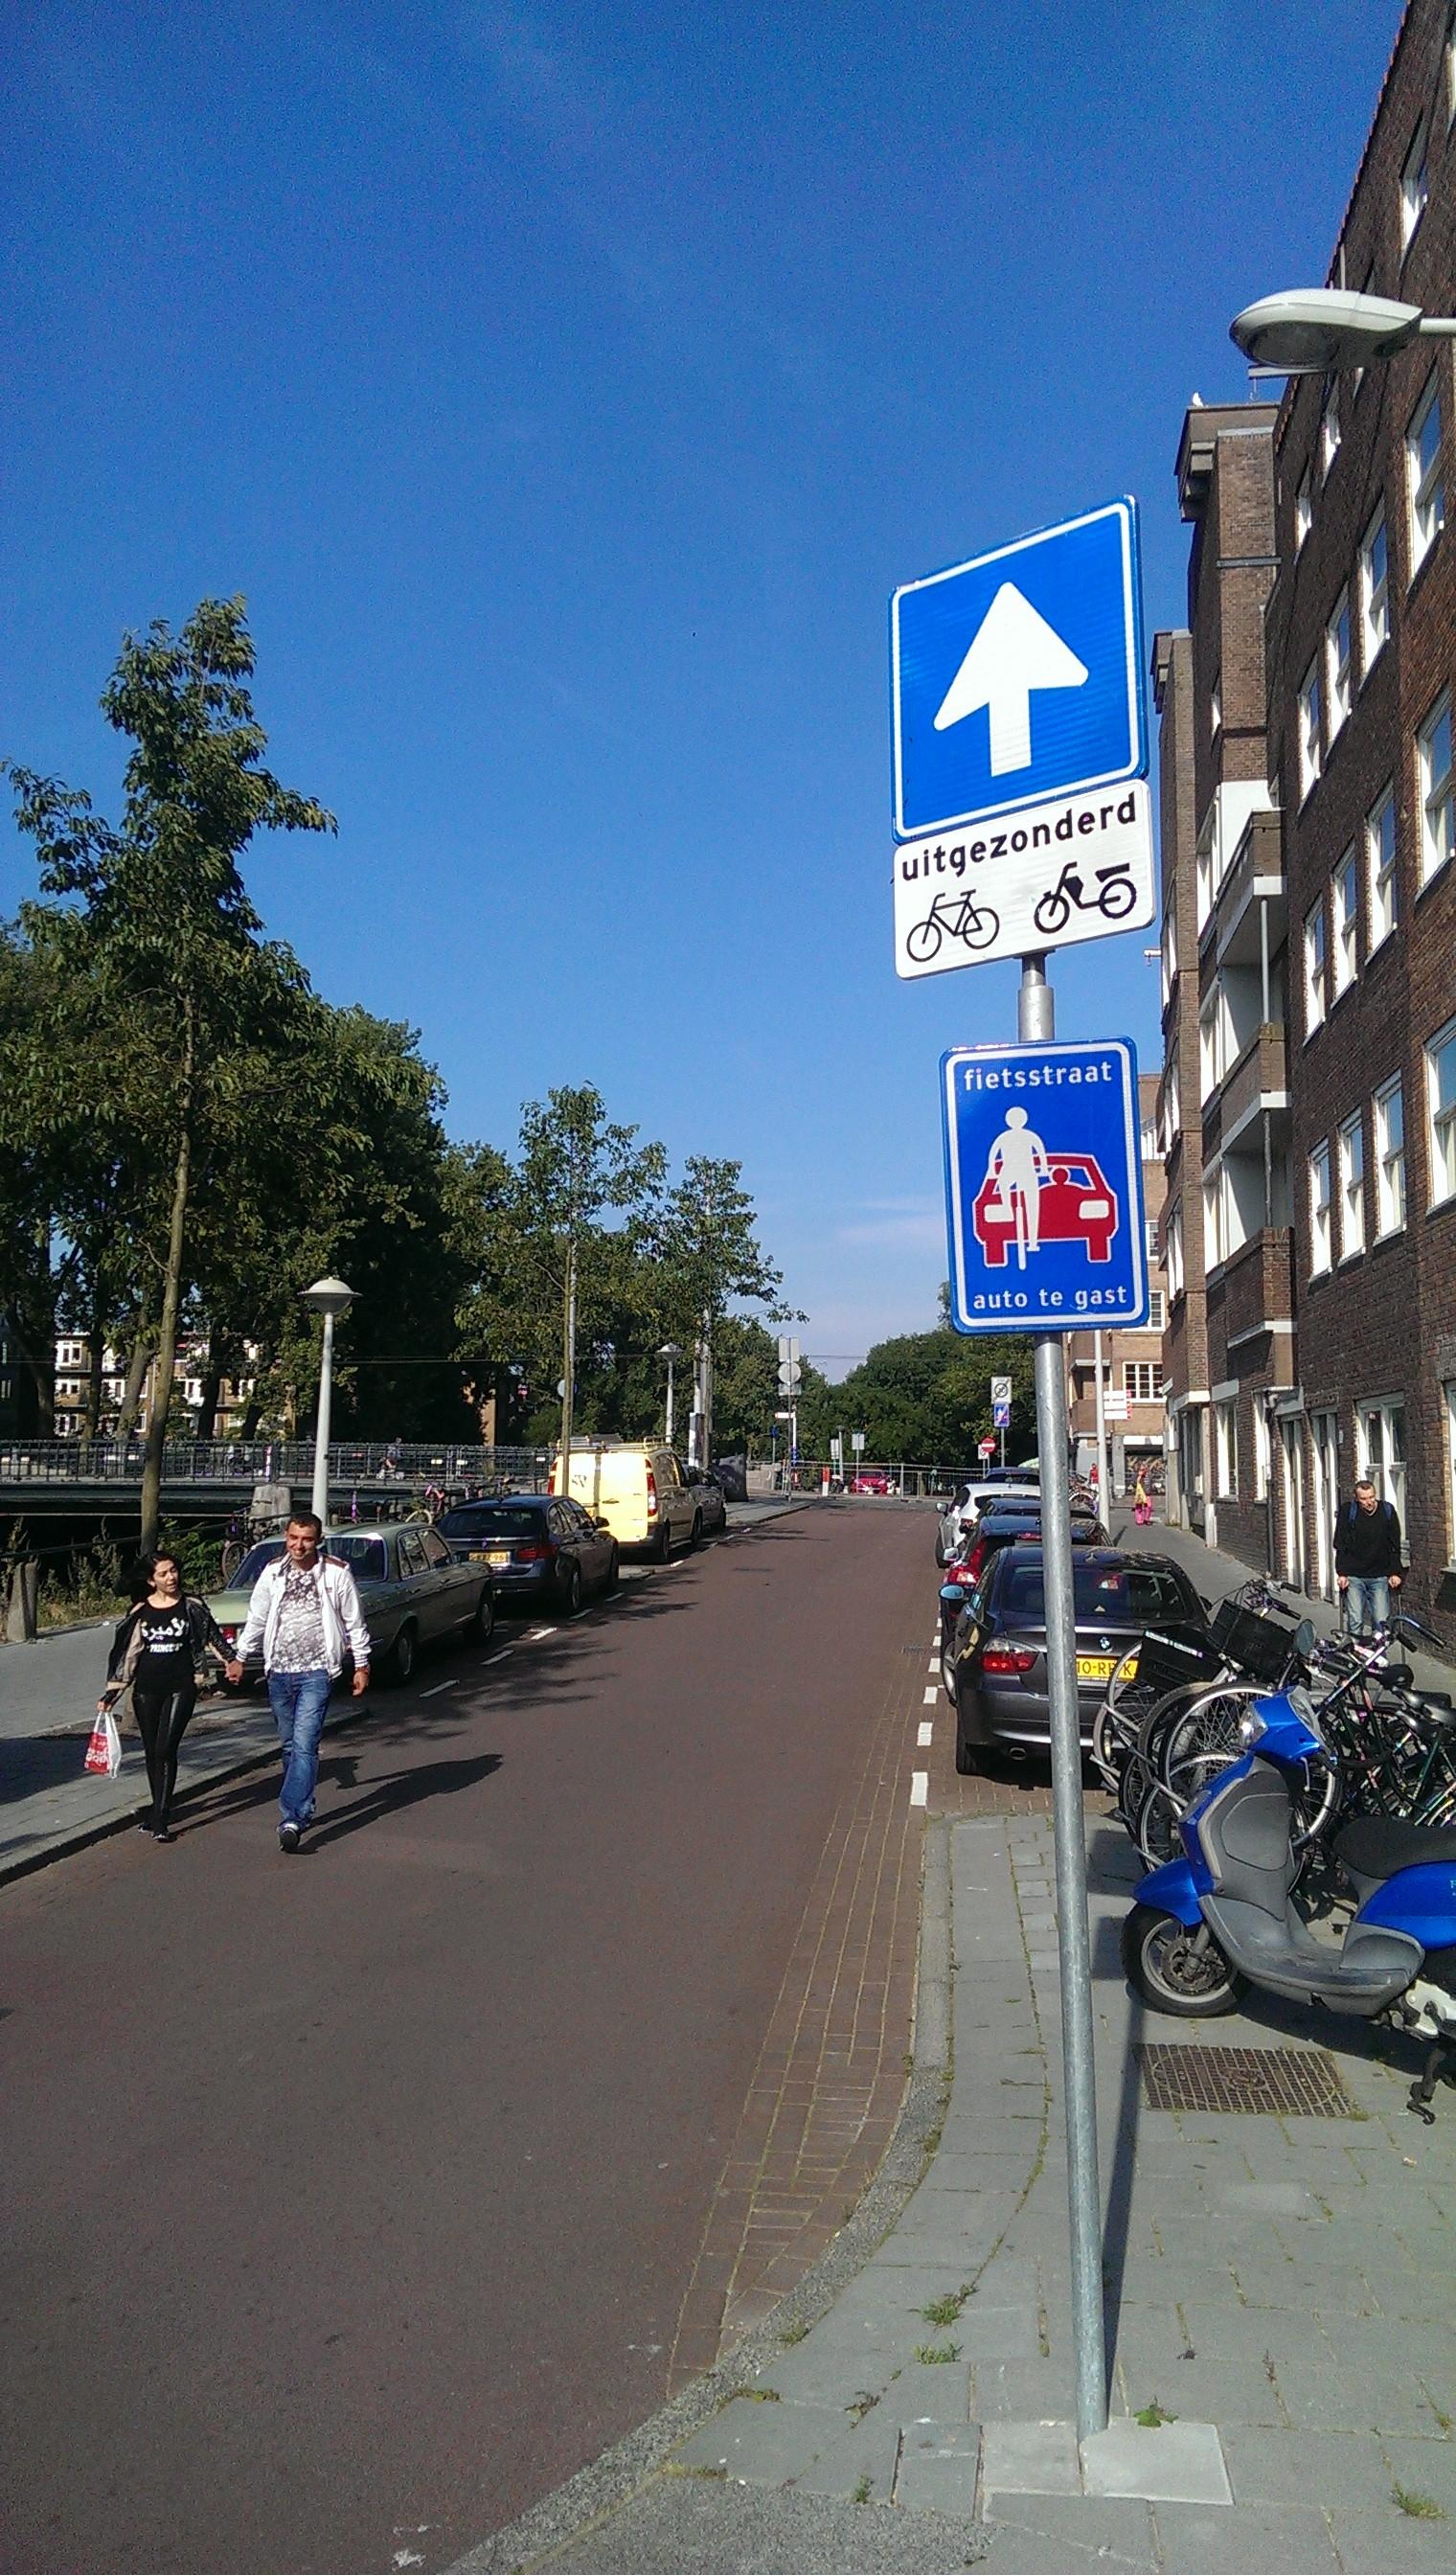 Amsterdam, Bos en Lommer